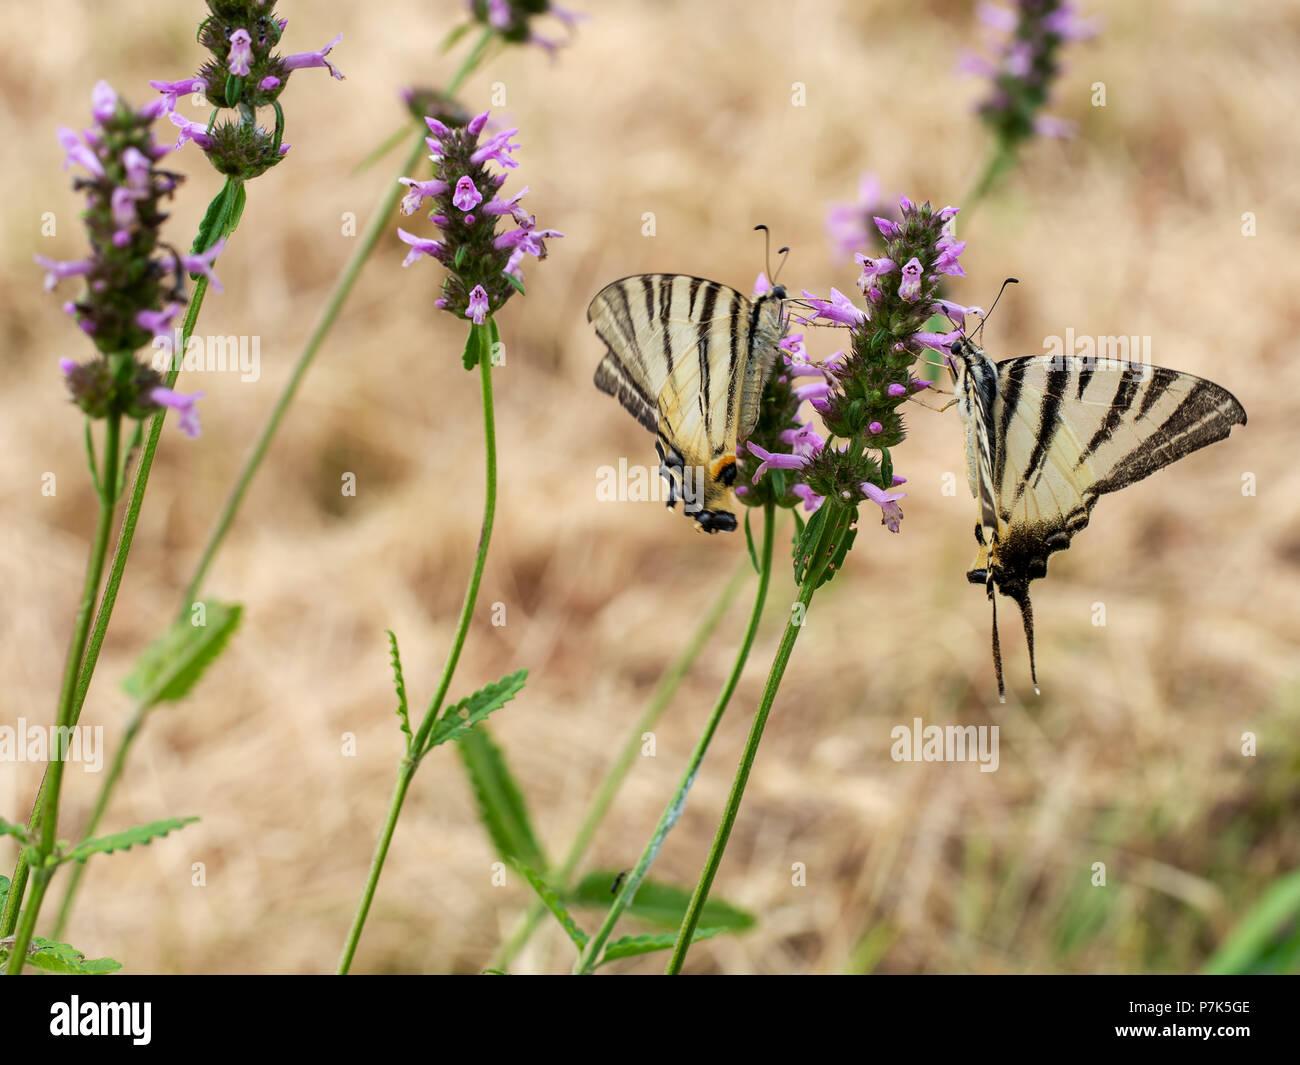 Nahaufnahme von Gelb und Schwarz Gestreifte Segelfalter Schmetterlinge. Iphiclides Art. Stockbild